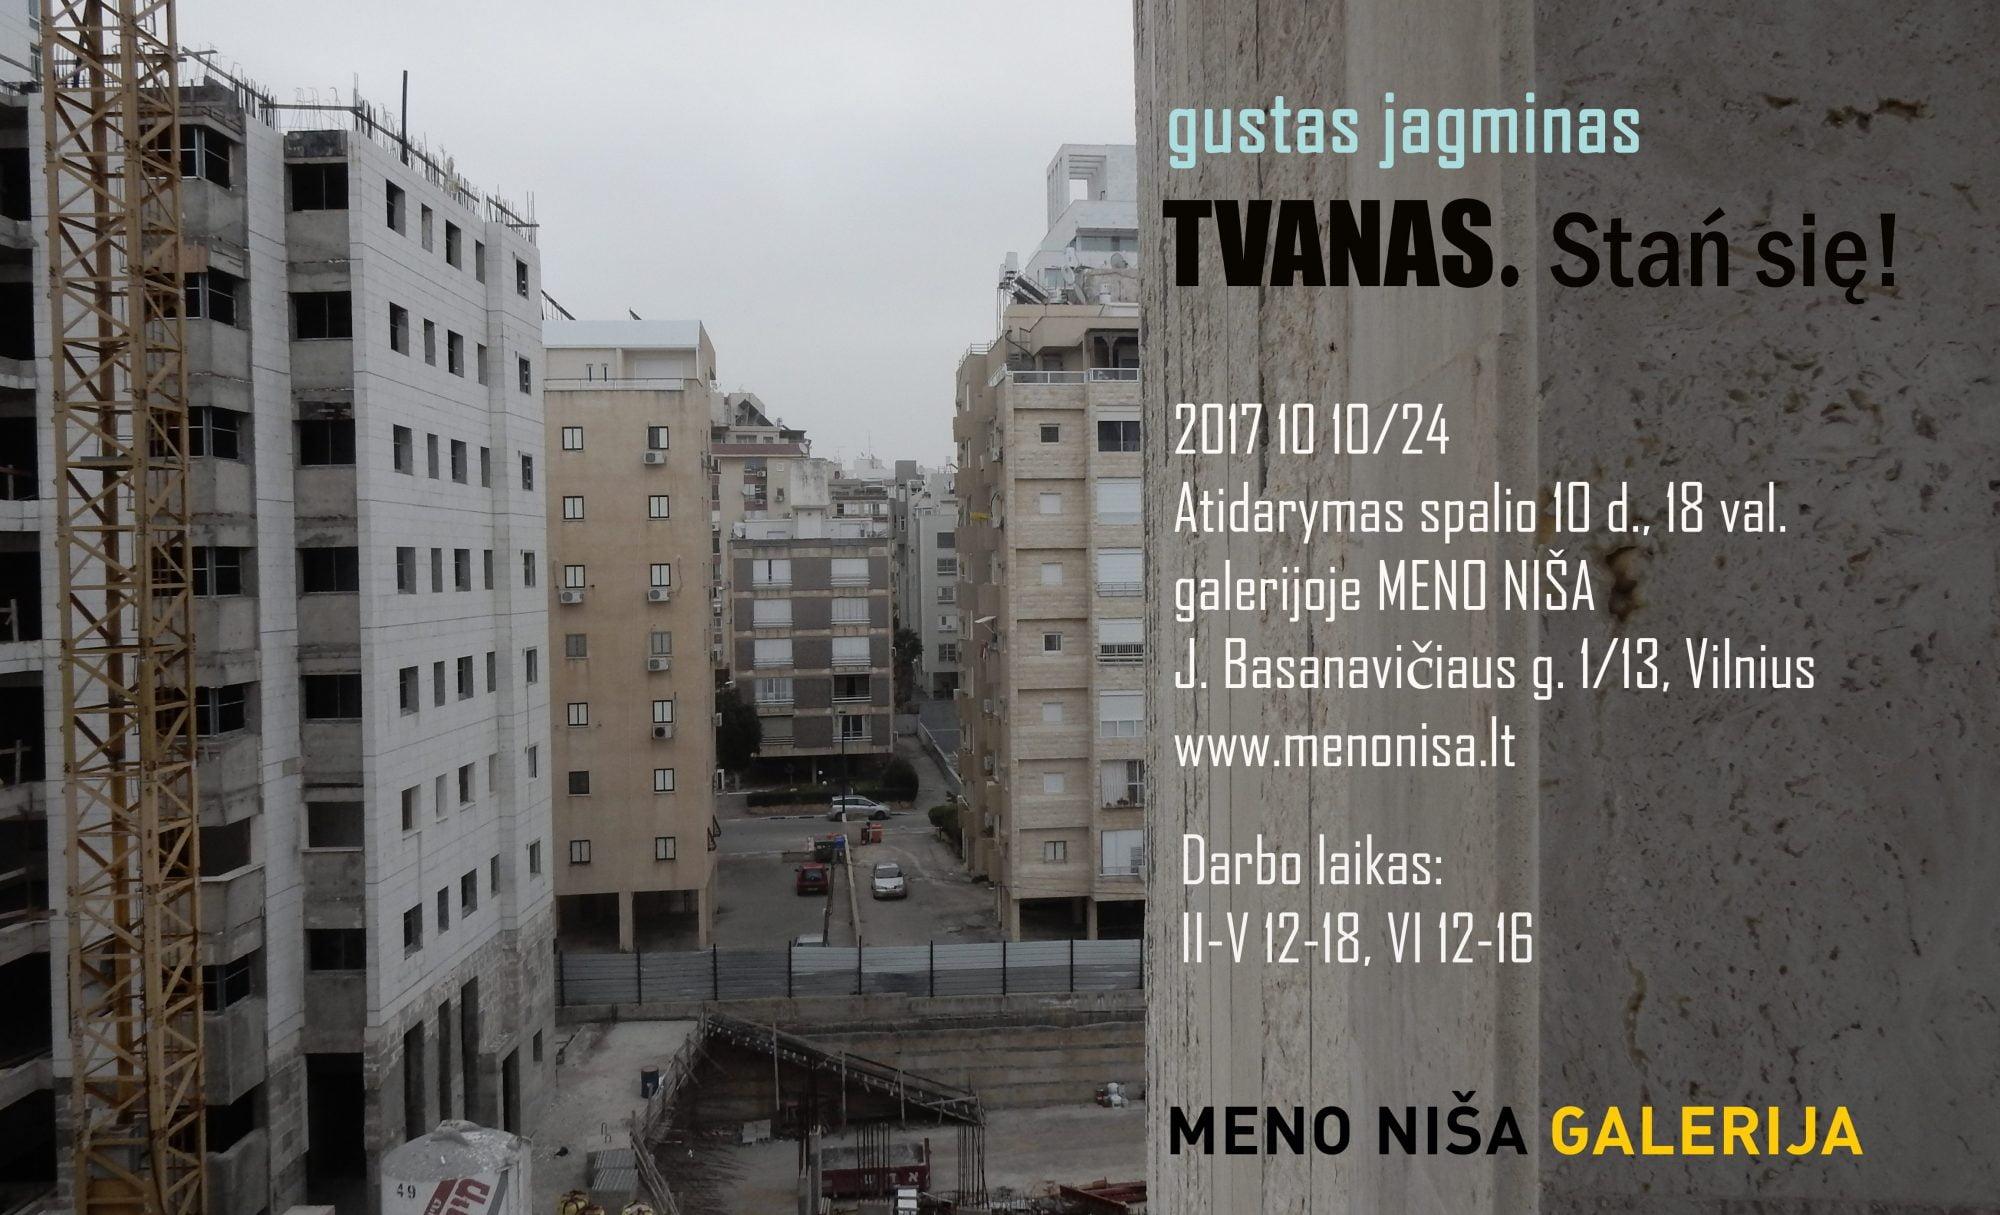 """Katastrofos svaigulys G. Jagmino tapybos parodoje """"TVANAS. Stań się!"""""""